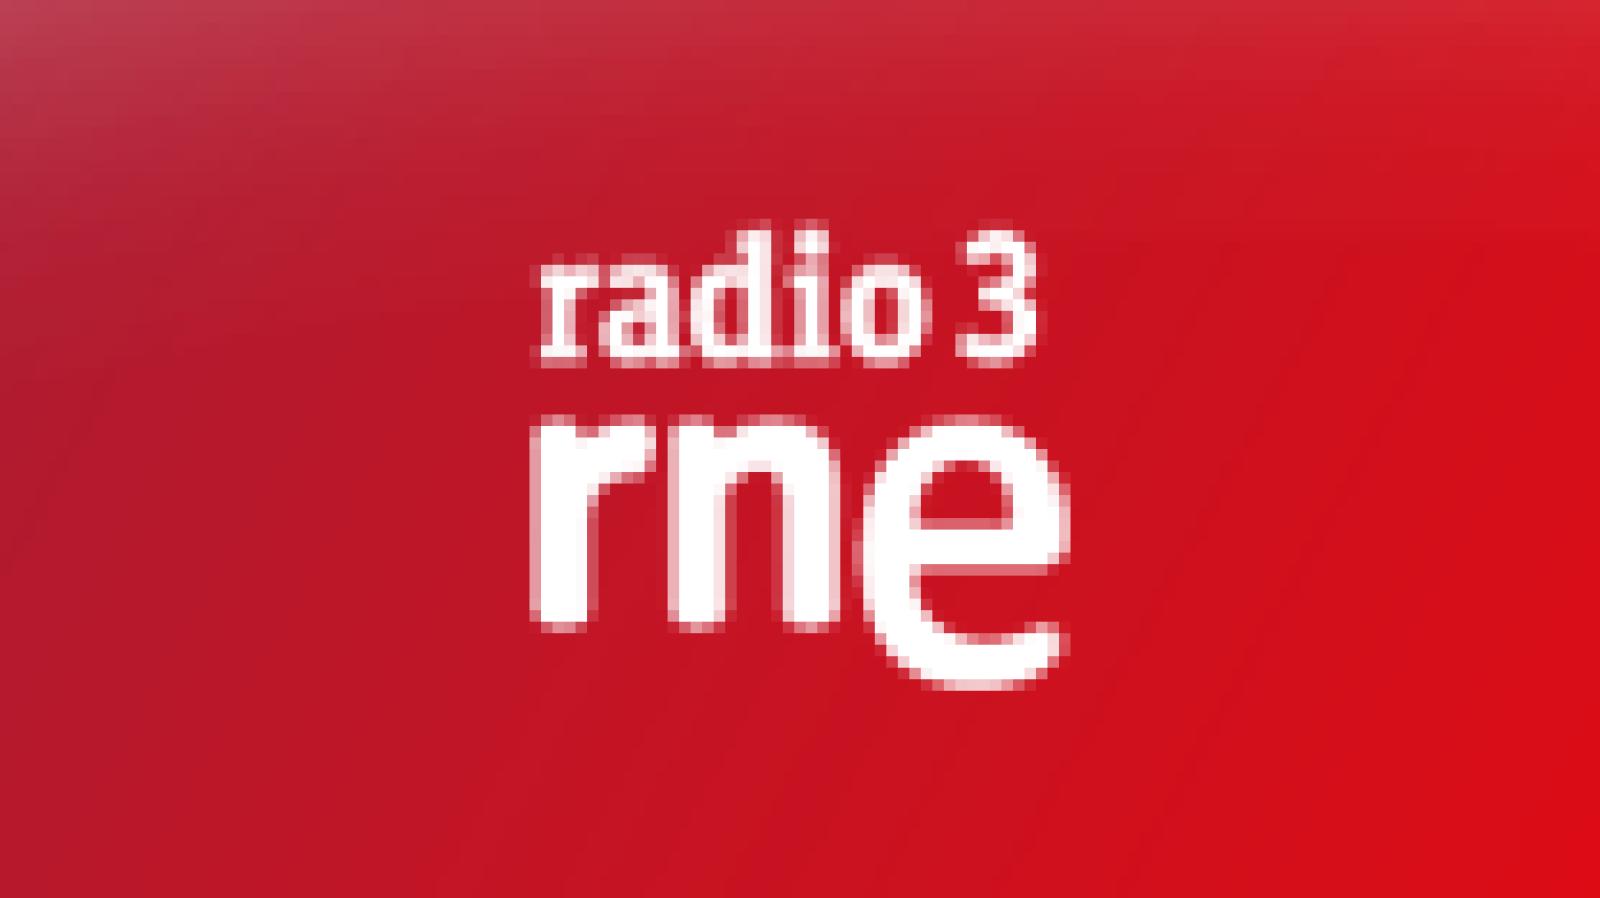 Carne cruda - Rarezas de r'n'r clásico y doo wop en directo - 21/08/12-escuchar ahora